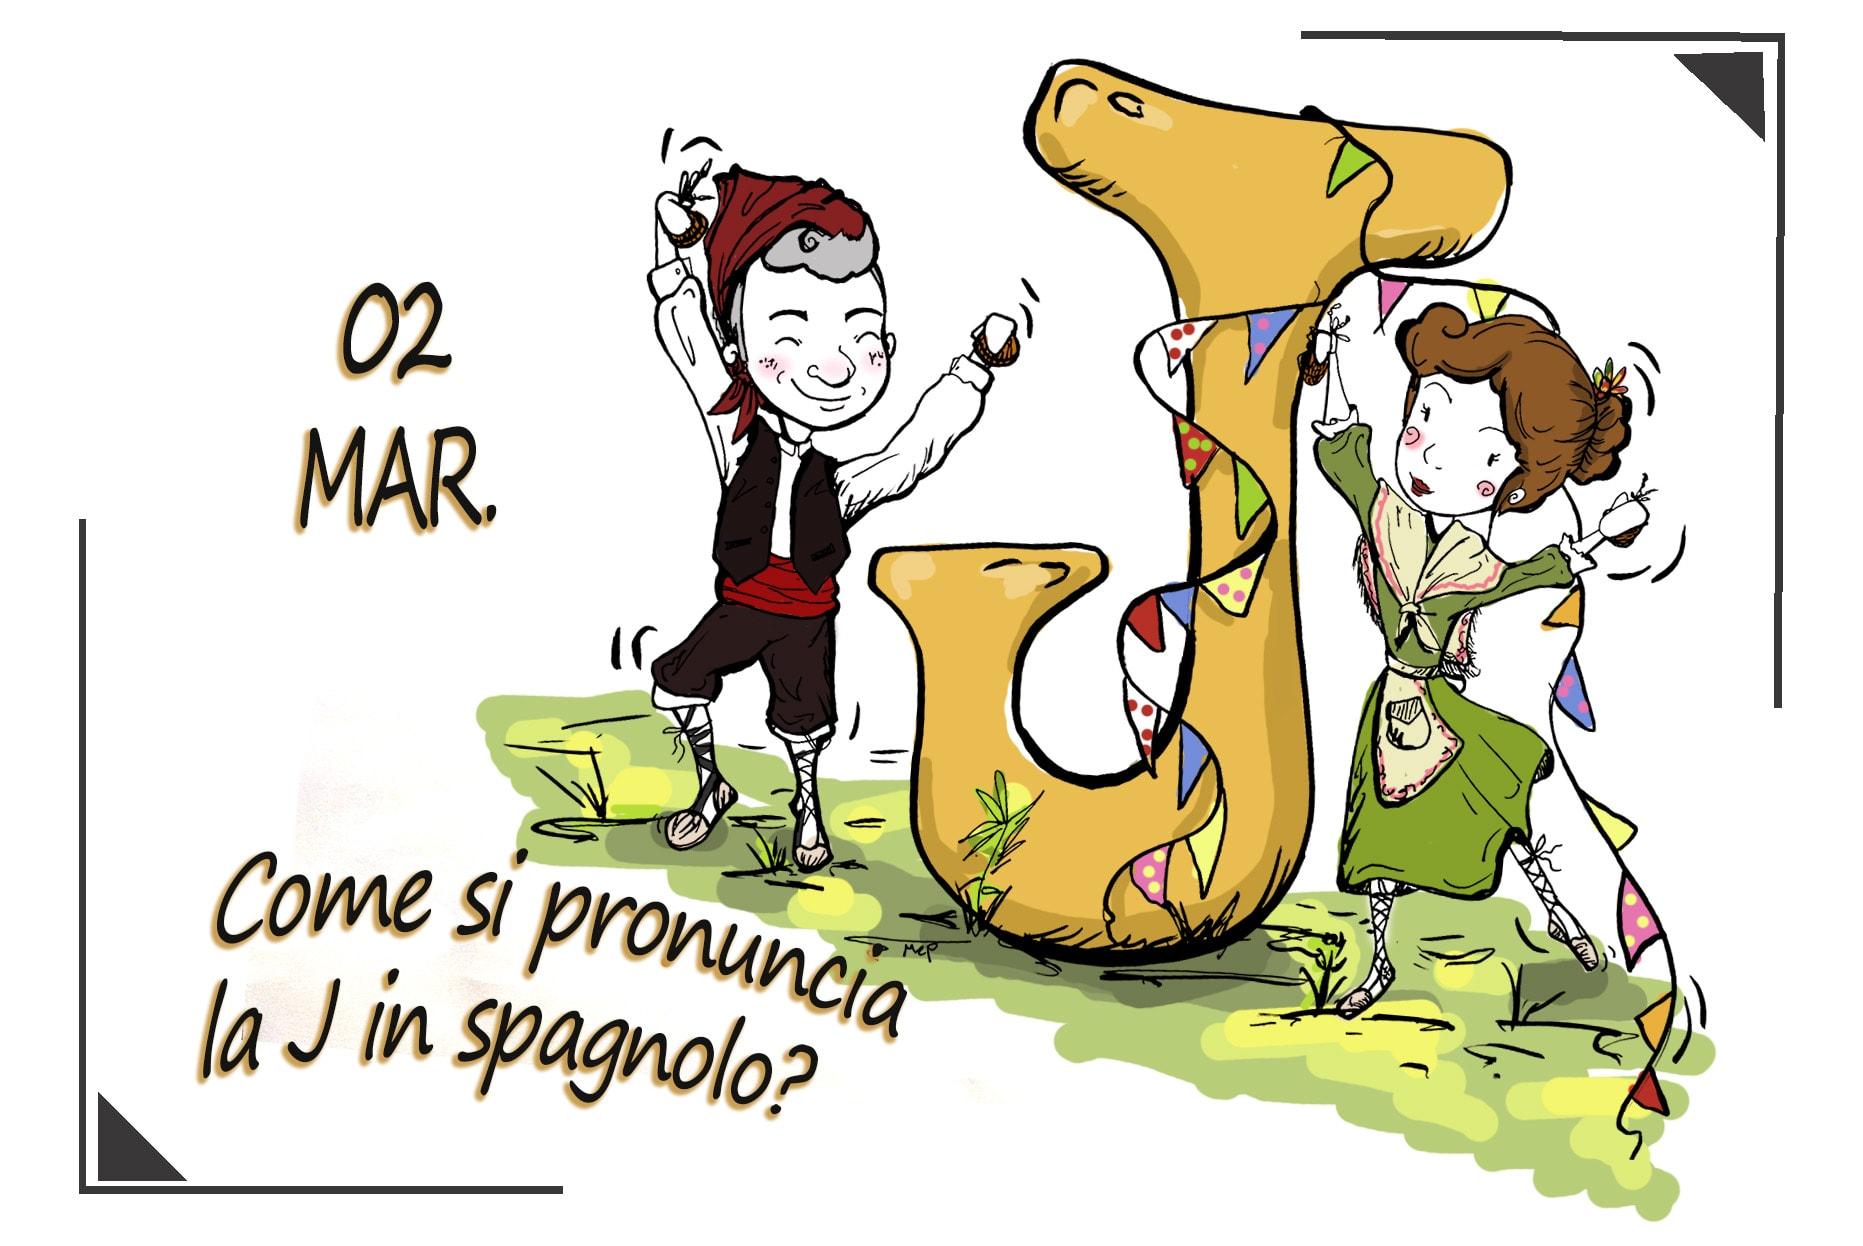 Come si pronuncia la J in spagnolo?